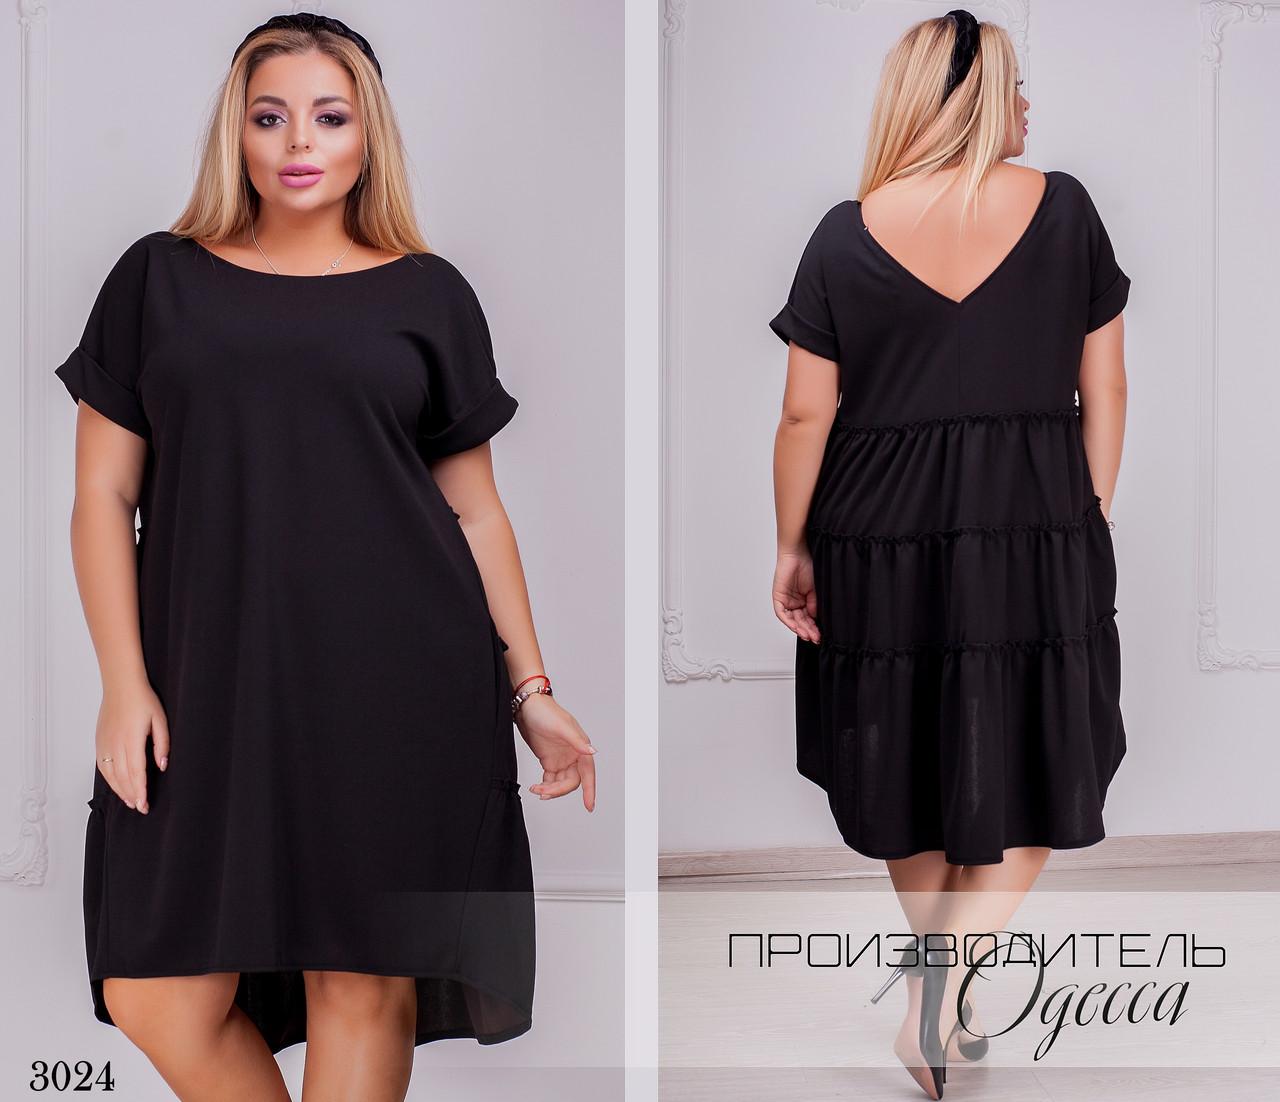 Платье стильное чёрное по колено креп дайвинг 50-52,54-56,58-60